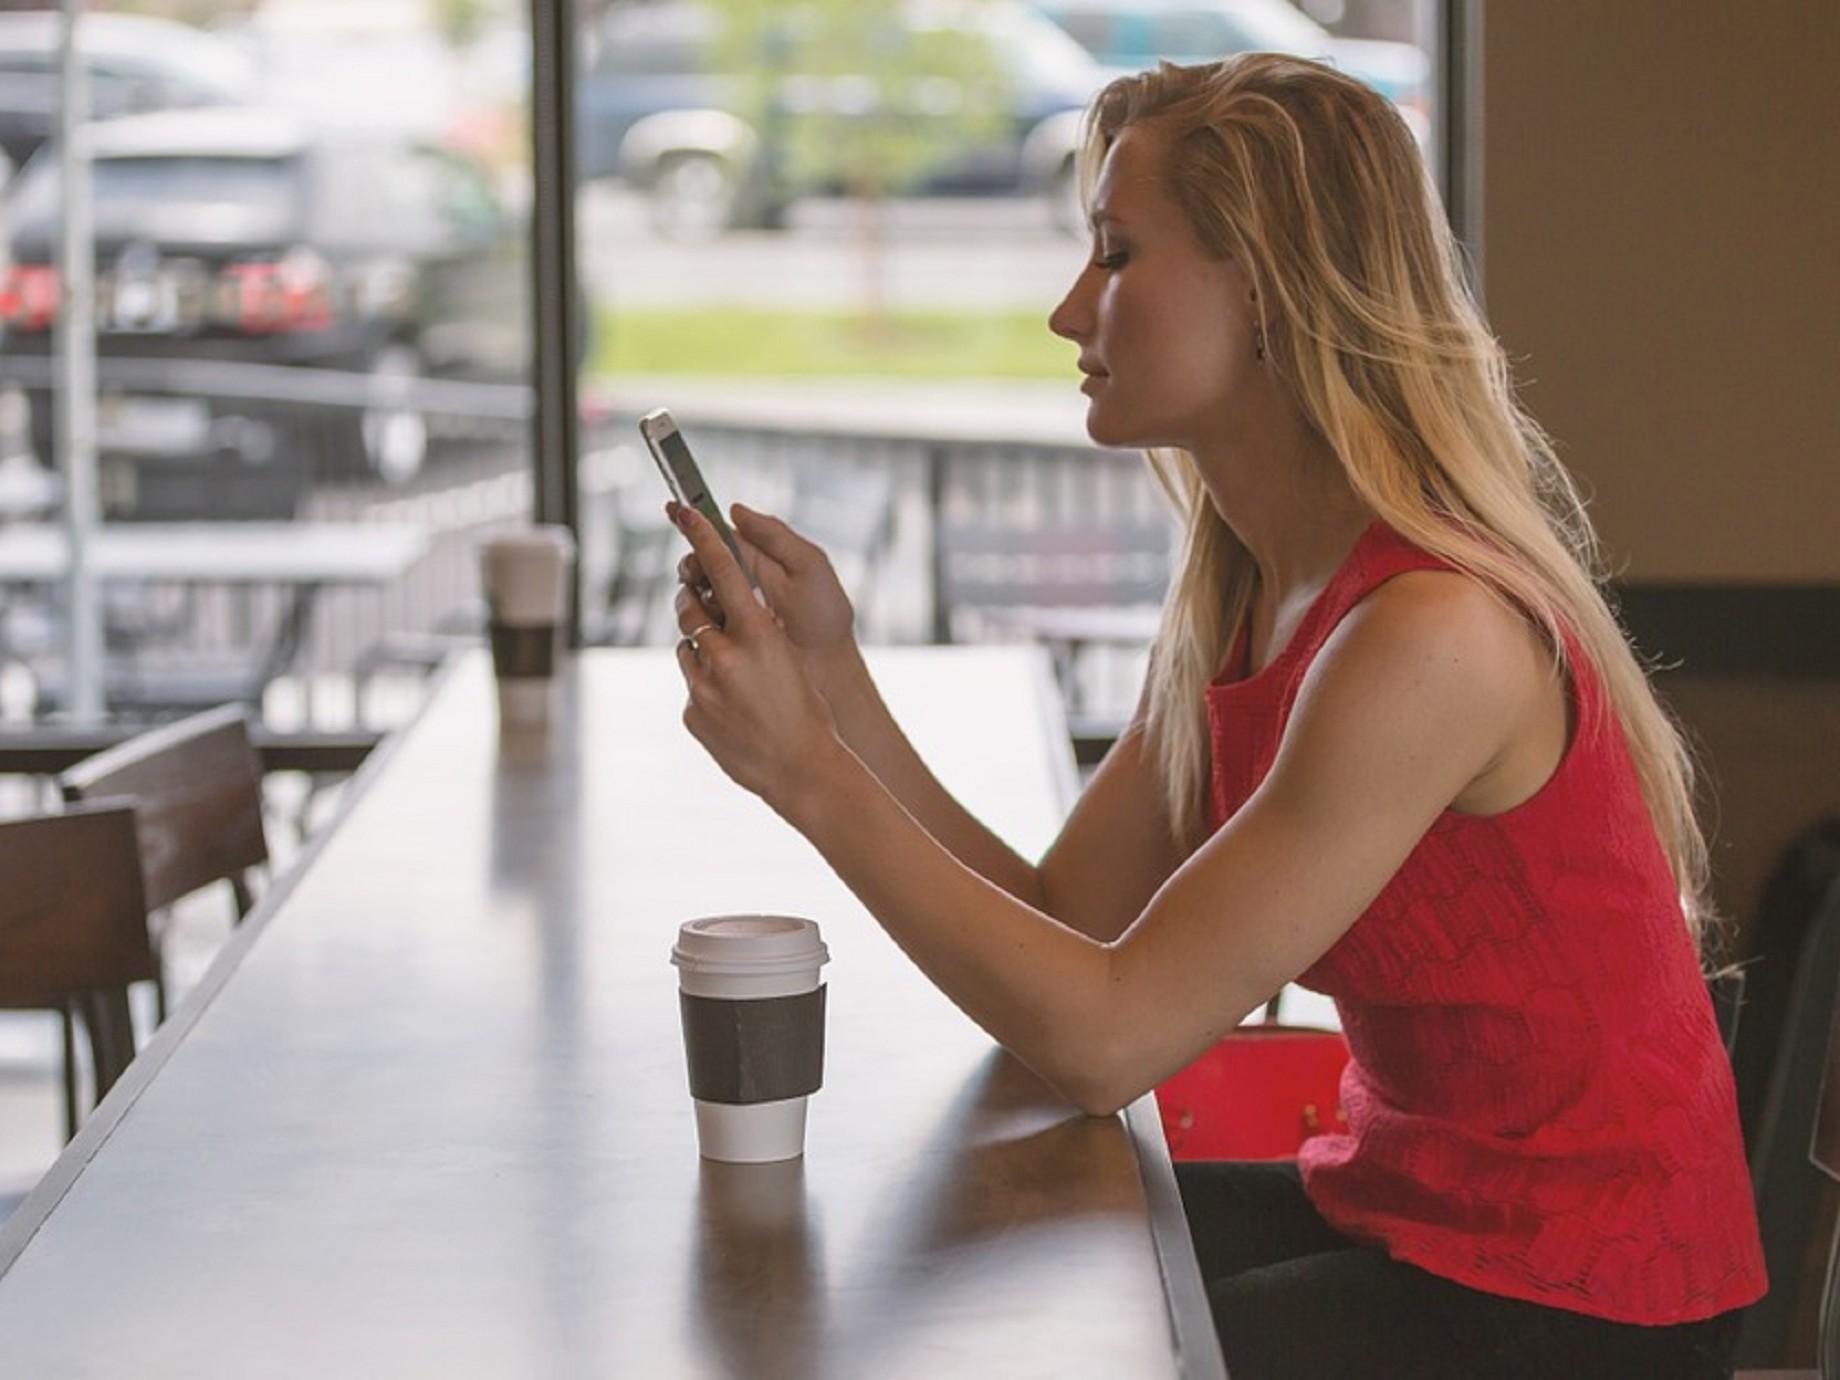 企業擁抱行動用戶的方式:開發與顧客的「對話經濟」